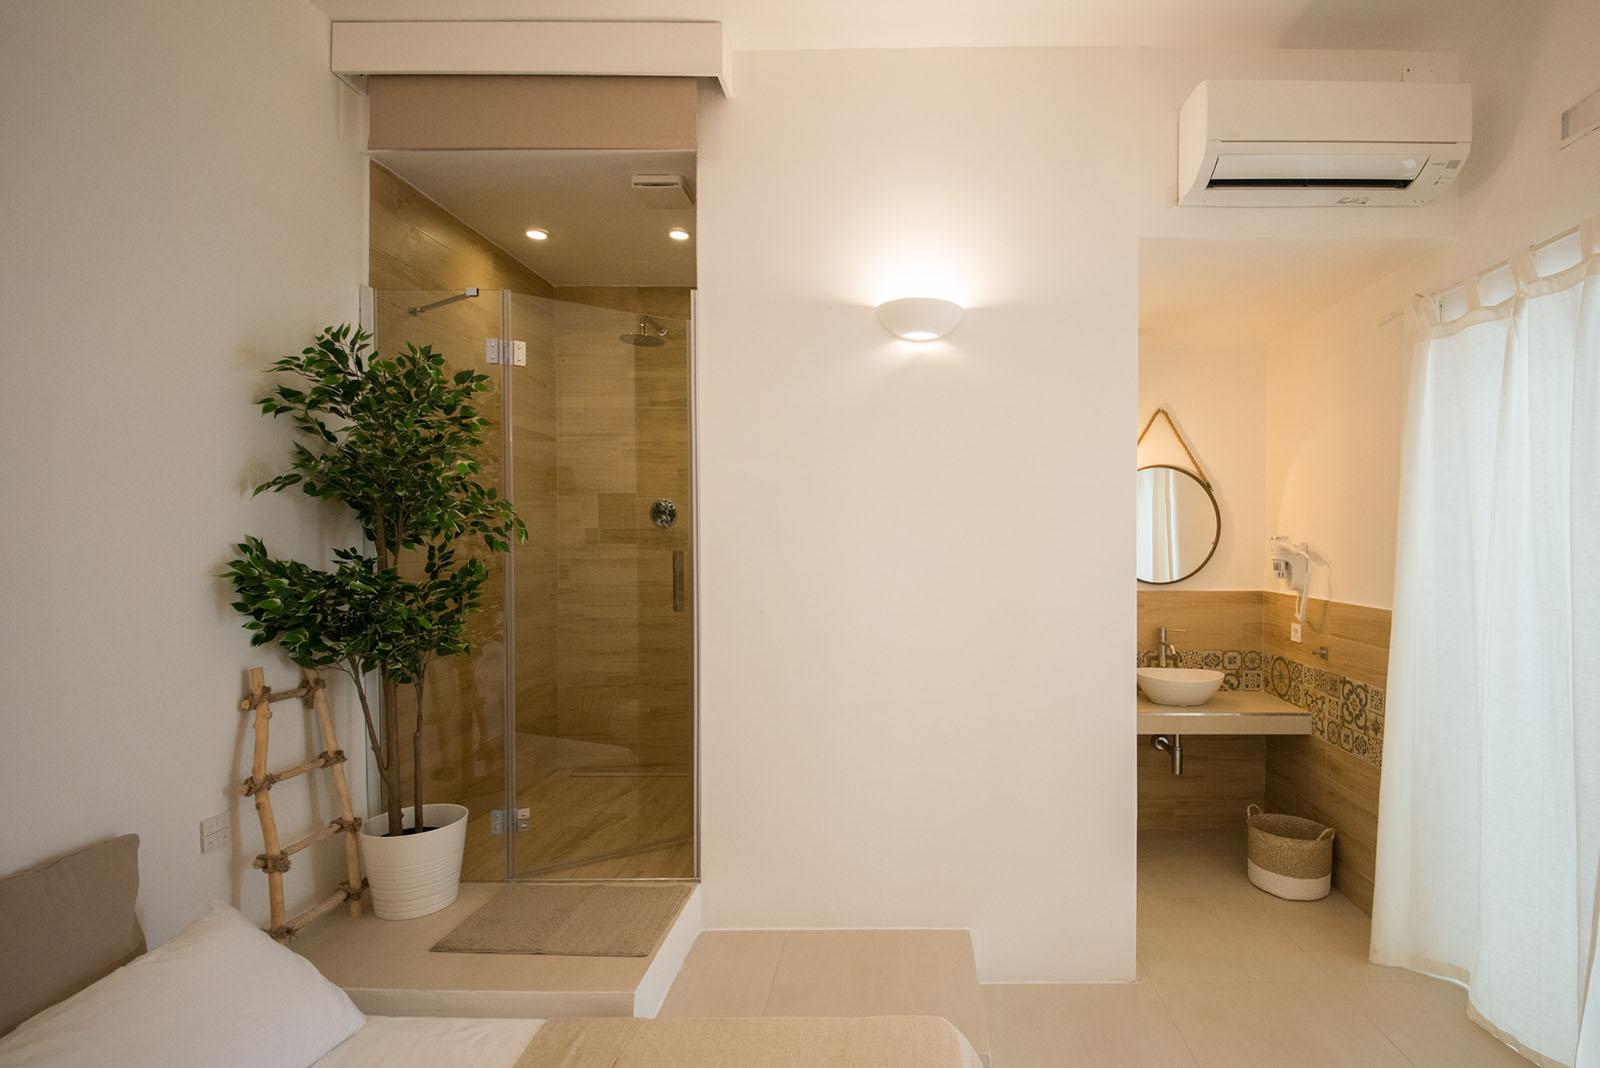 1 bed and breakfast agropoli progettazione architettonica domotica salerno break for two mare nest room 6 b&b